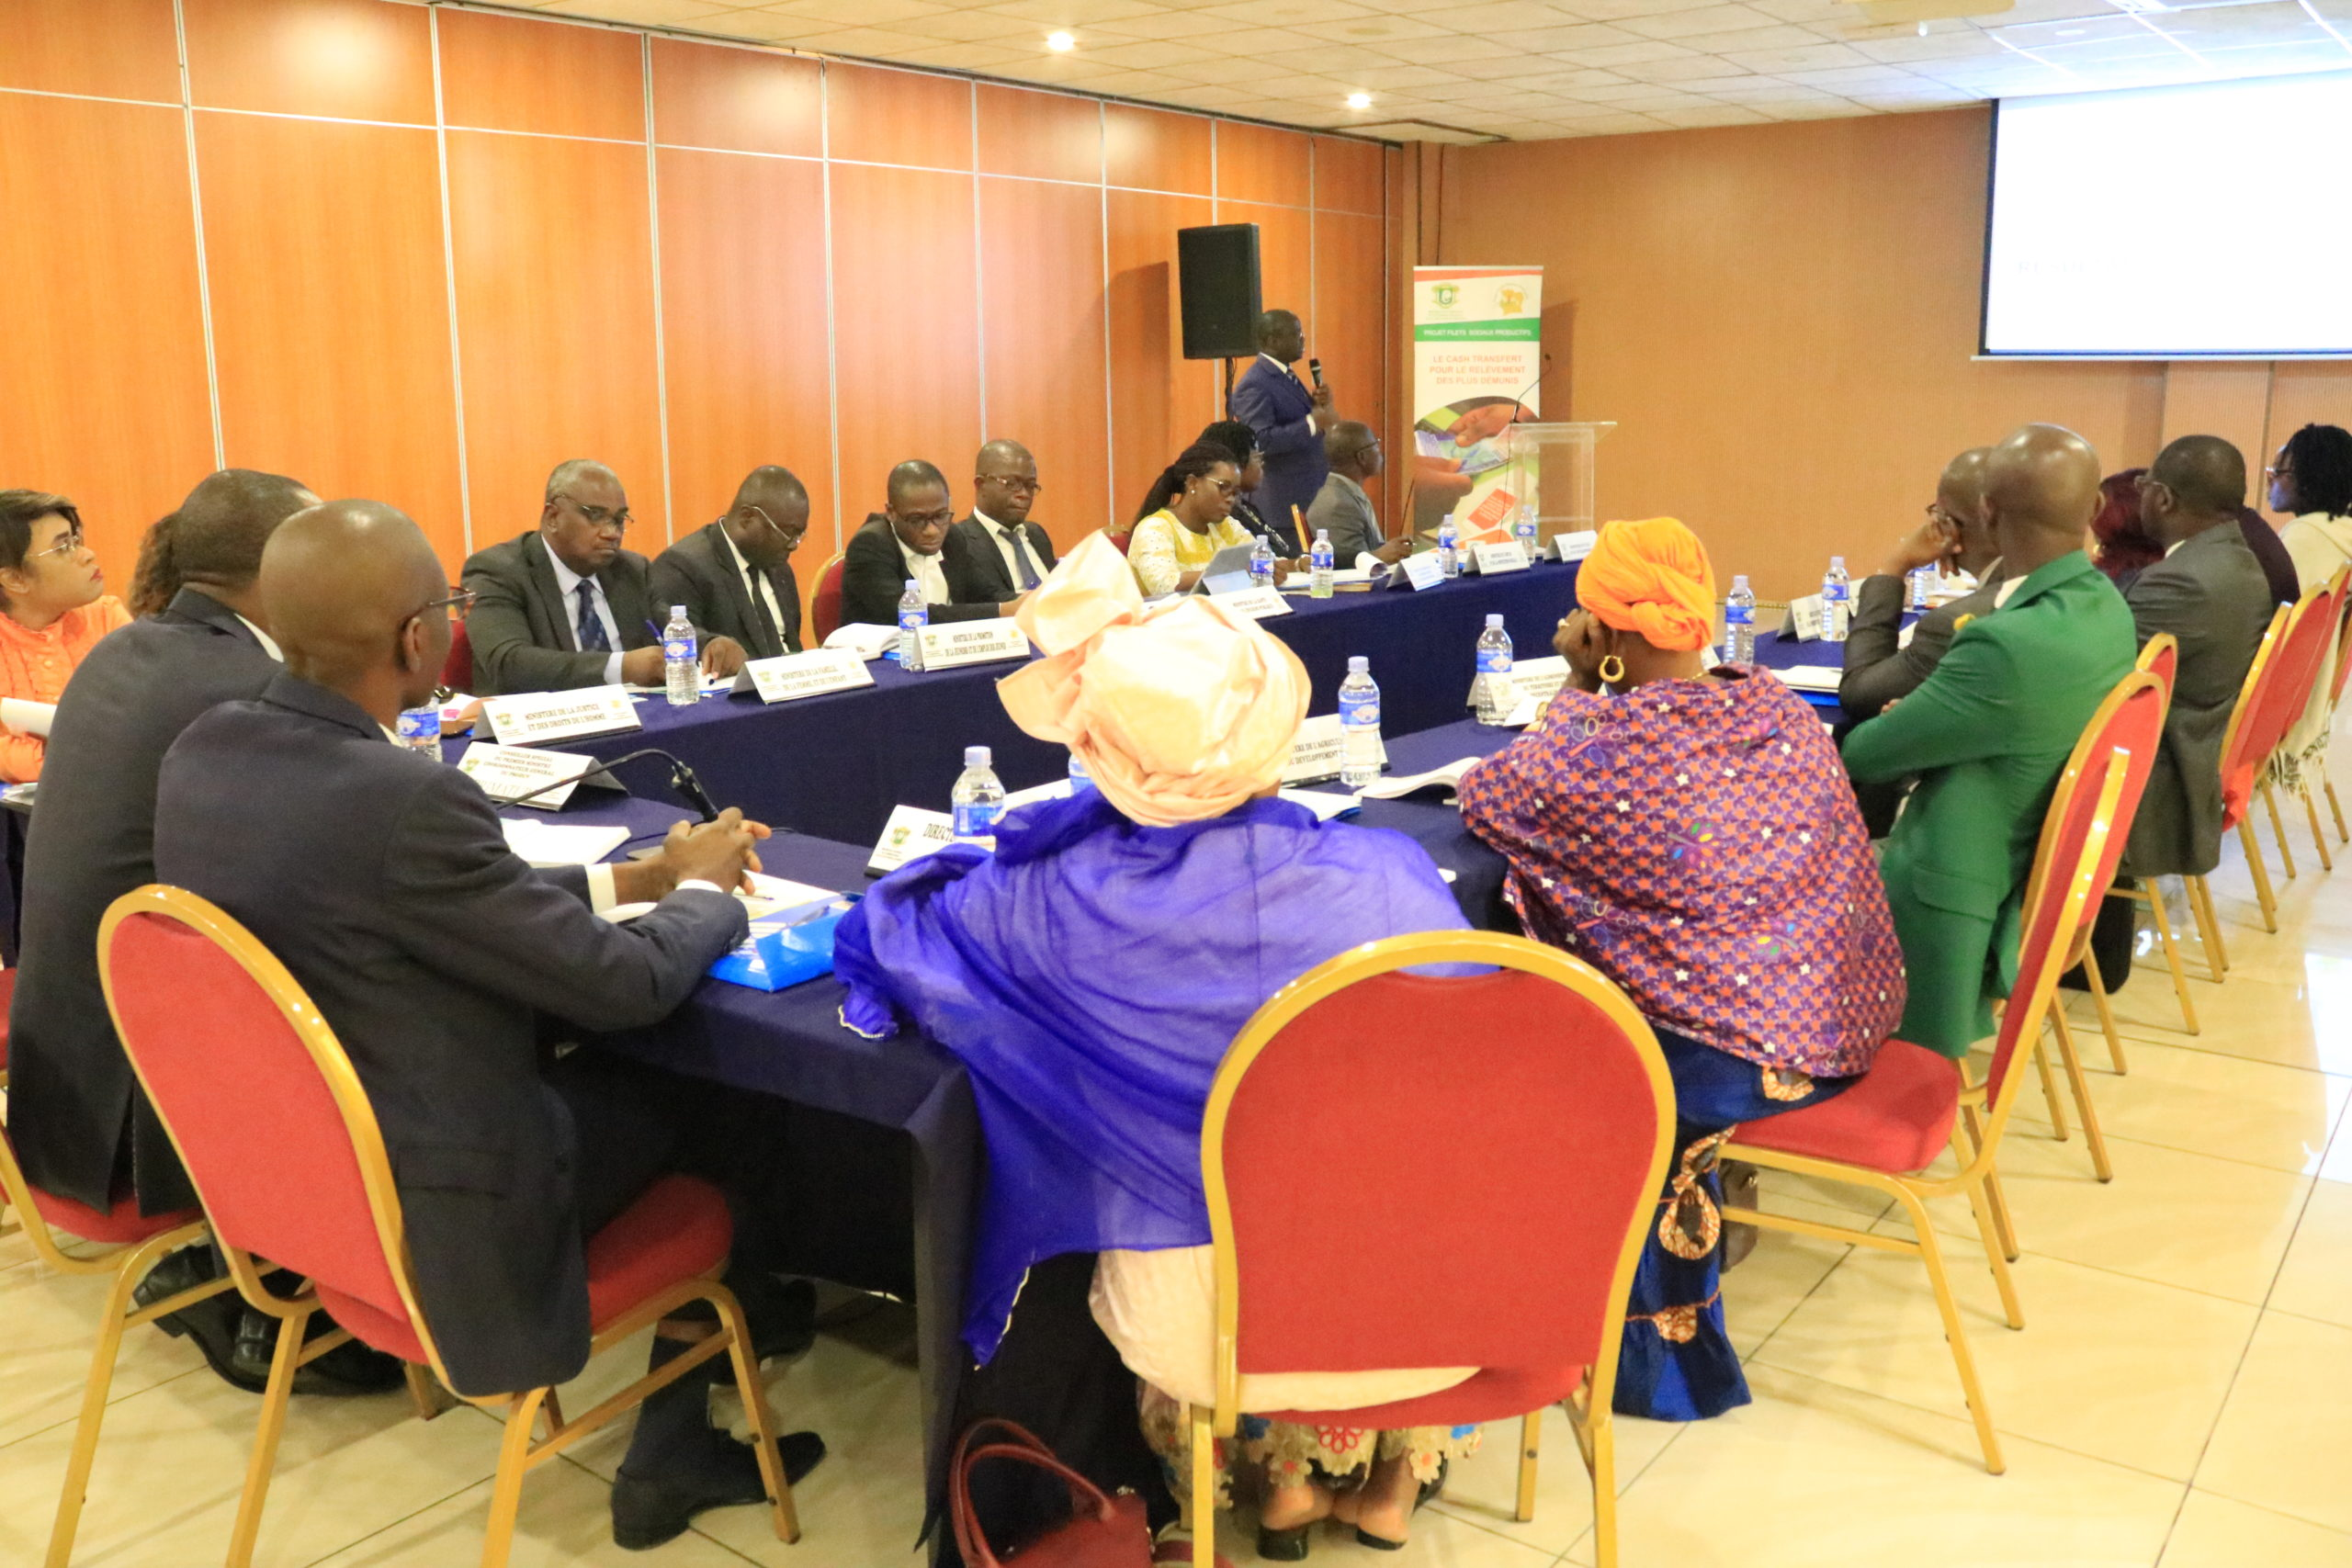 La rencontre bilan 2020 et perspectives 2021 avec le Comité de Pilotage du Programme Filets Sociaux Productifs est prévue pour le Mercredi 25 Novembre 2020 à l'espace Latrille Events 2 plateaux